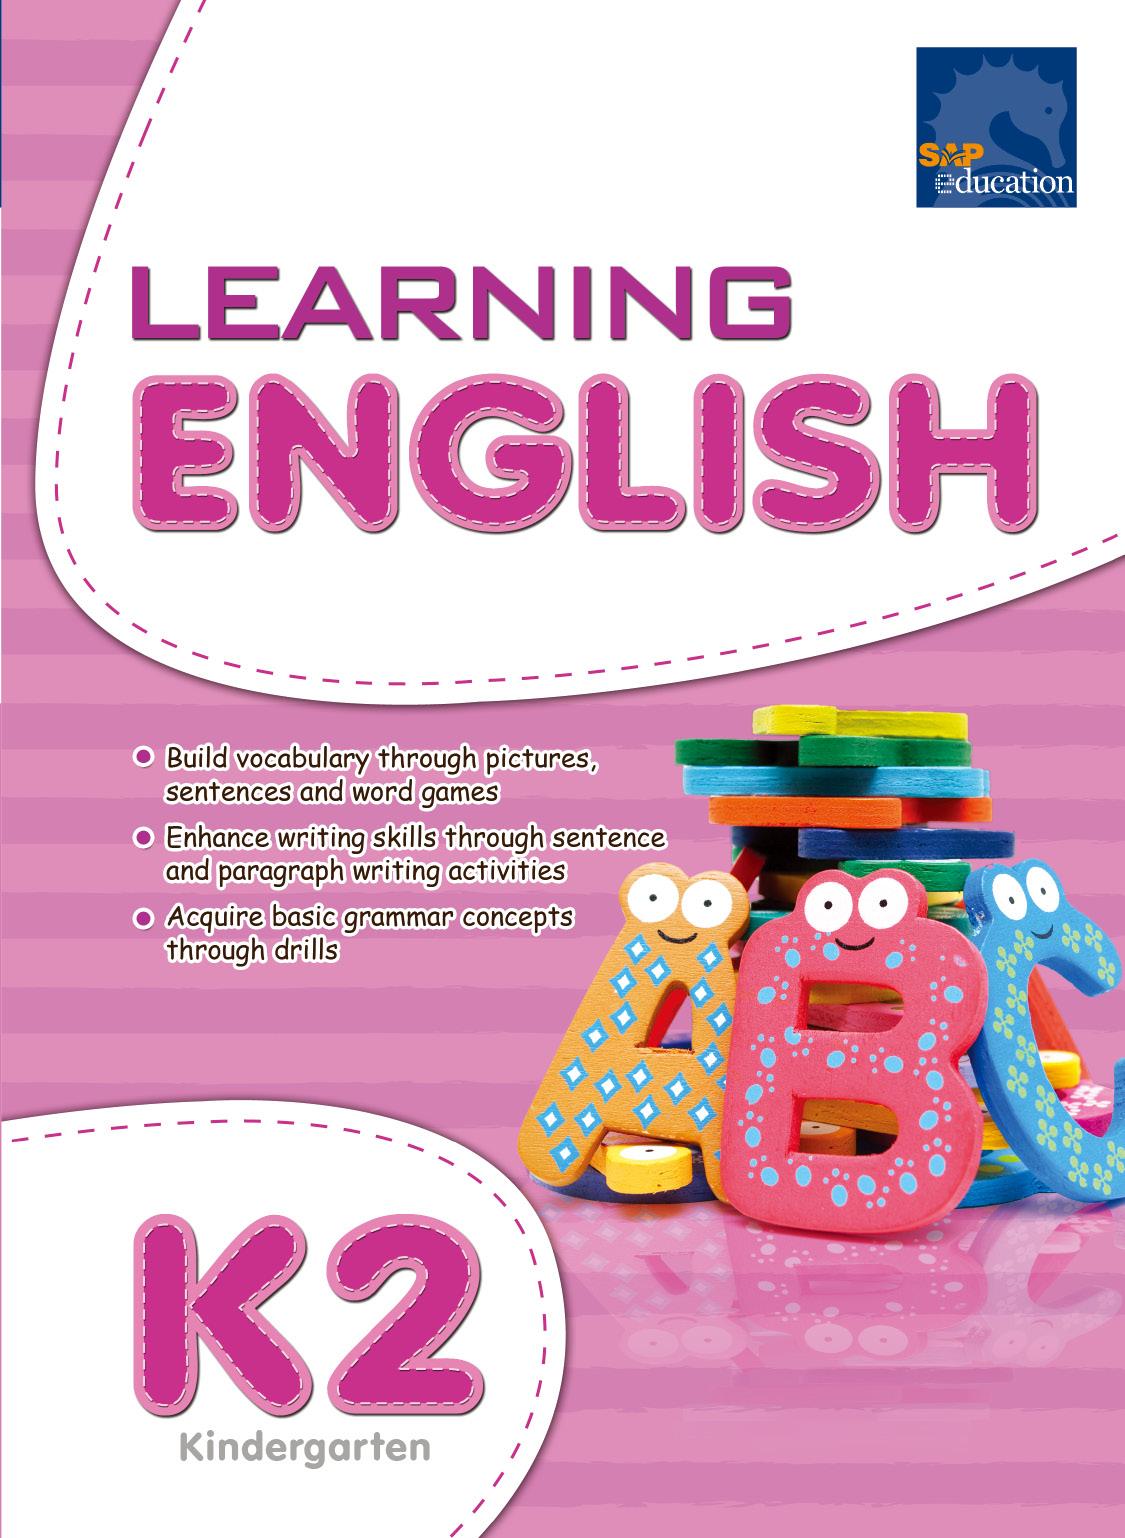 Kindergarten K 2 Worksheets